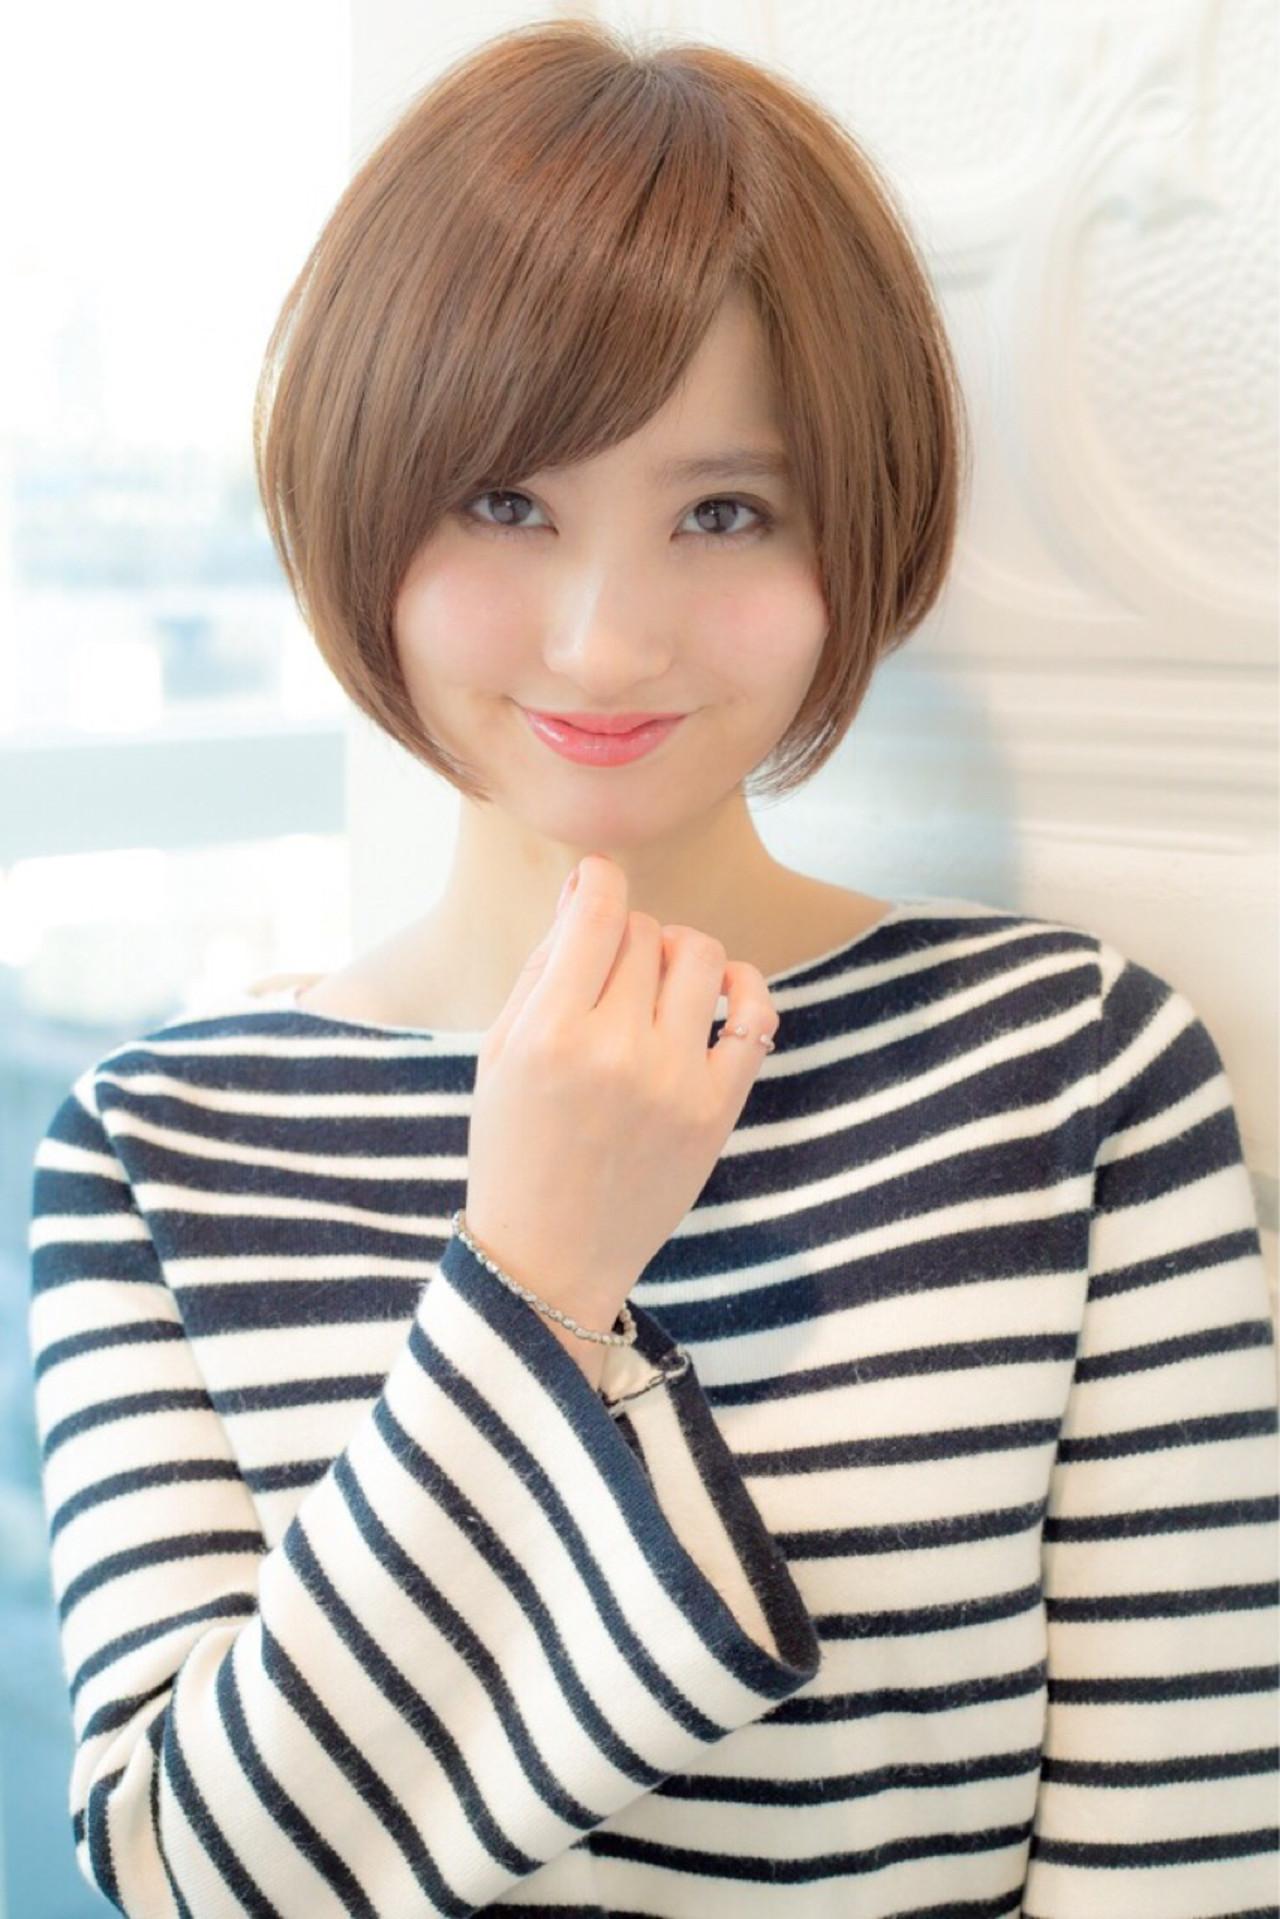 ショート ナチュラル 小顔 ニュアンス ヘアスタイルや髪型の写真・画像